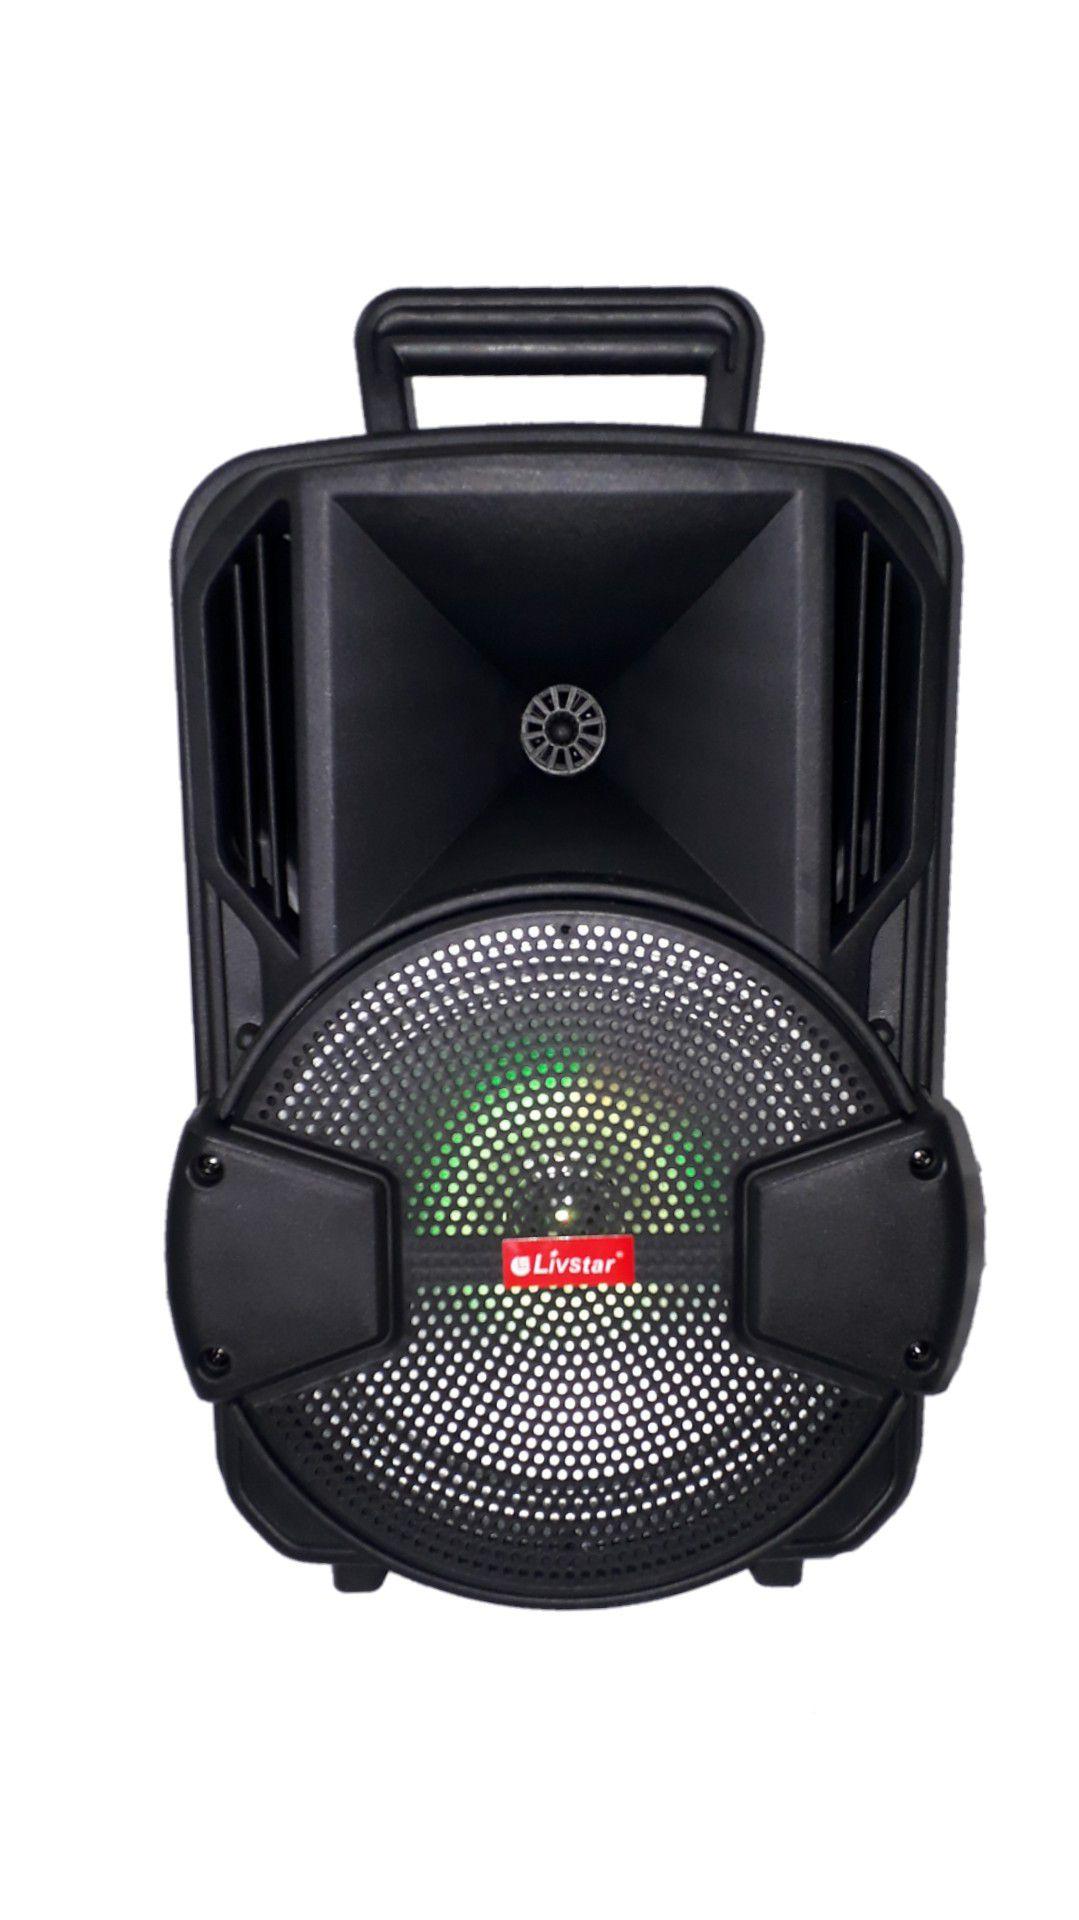 CAIXA AMPLIFICADA  LIVSTAR CNN8056TS FALANTE6, ECO, USB/SD/FM AUXILIAR P10 DISPLAY BATERIA RECARREGÁVEL